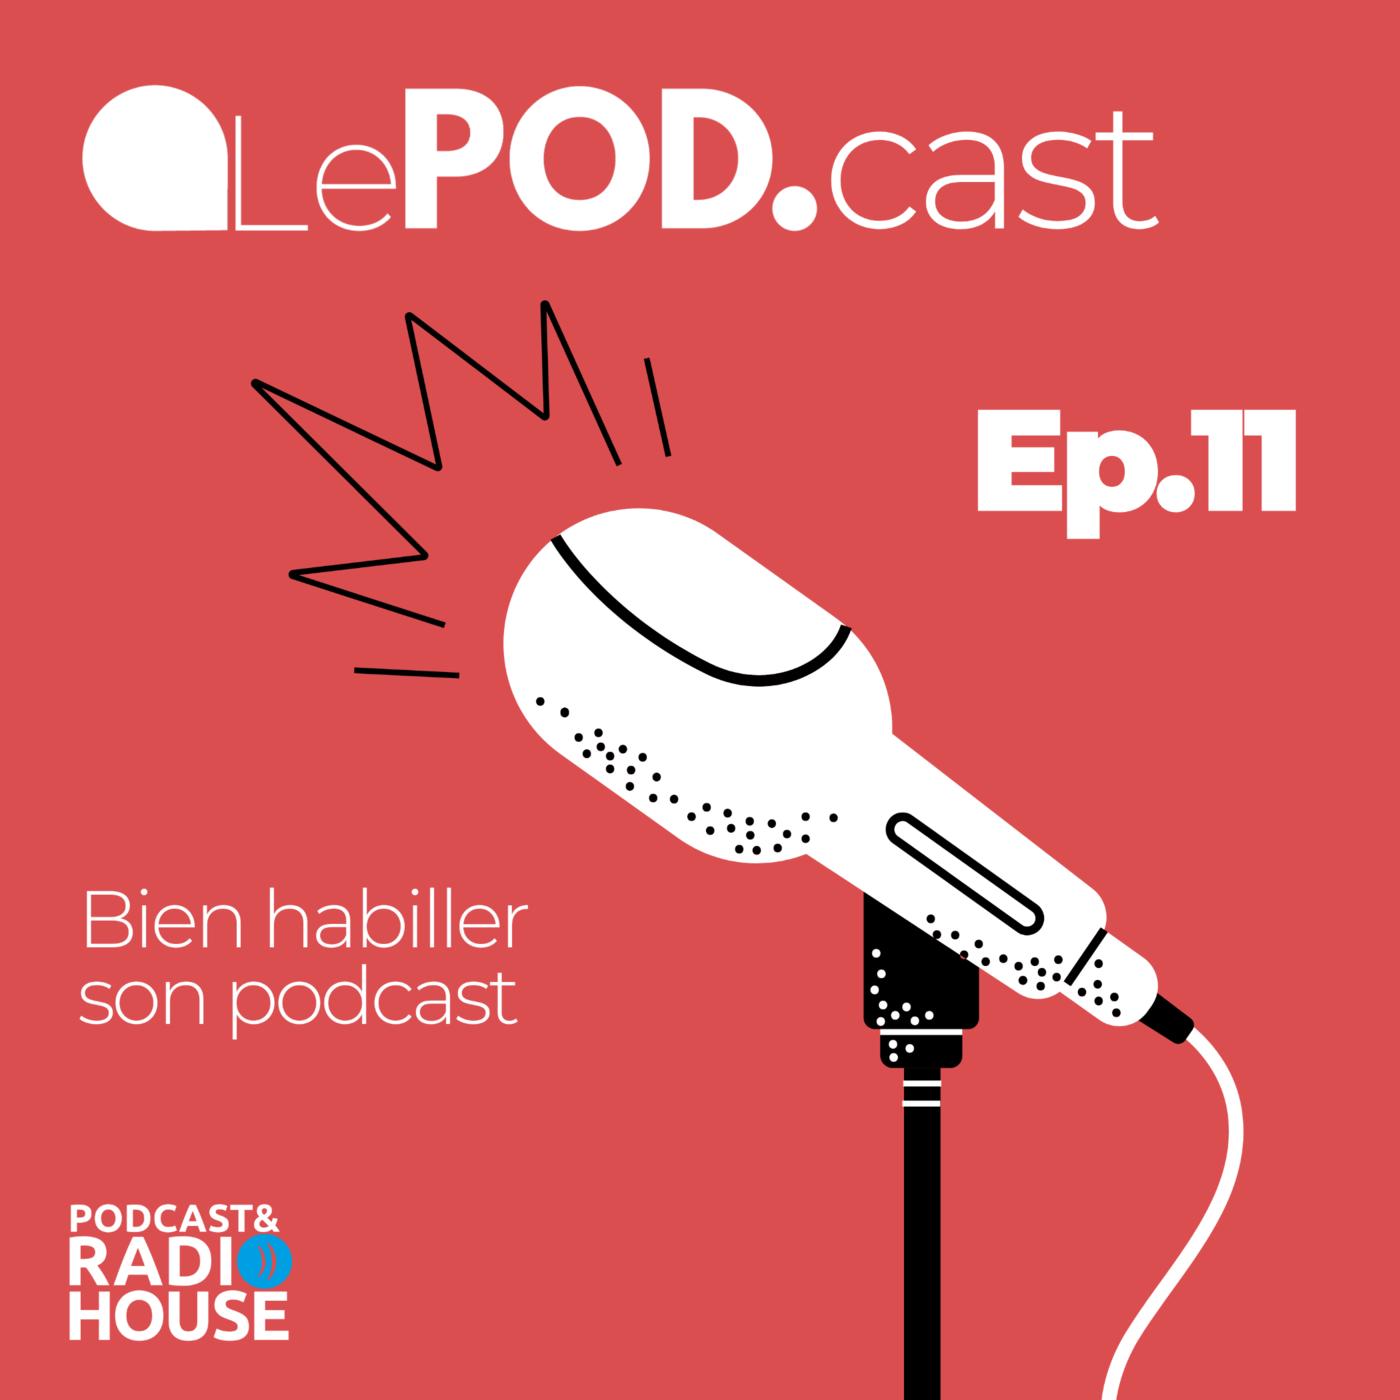 EP.11 - Bien habiller son podcast  - Le POD.